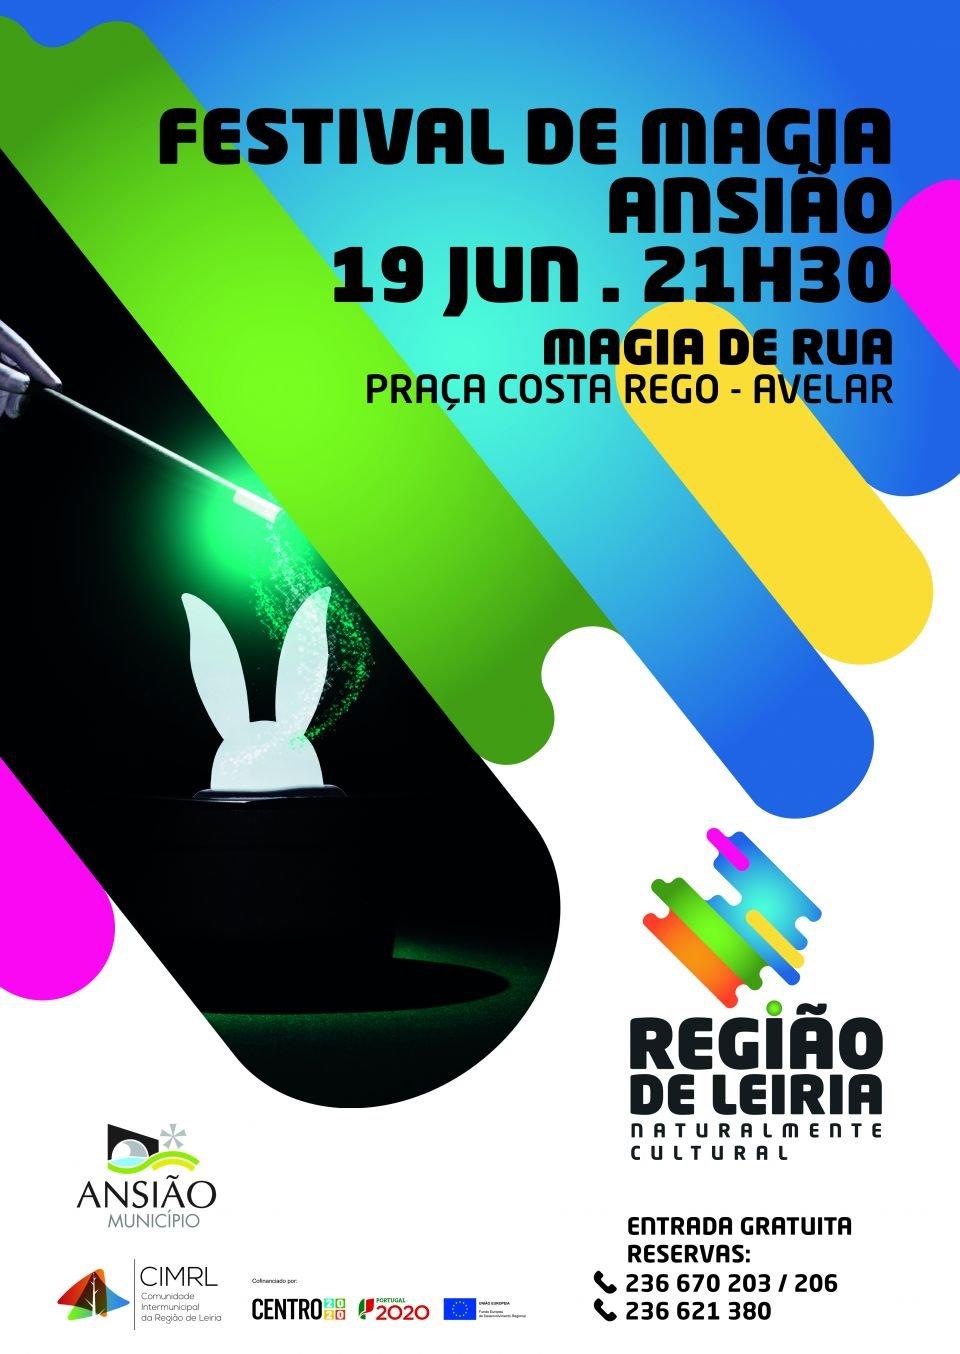 Festival de Magia: Magia de Rua